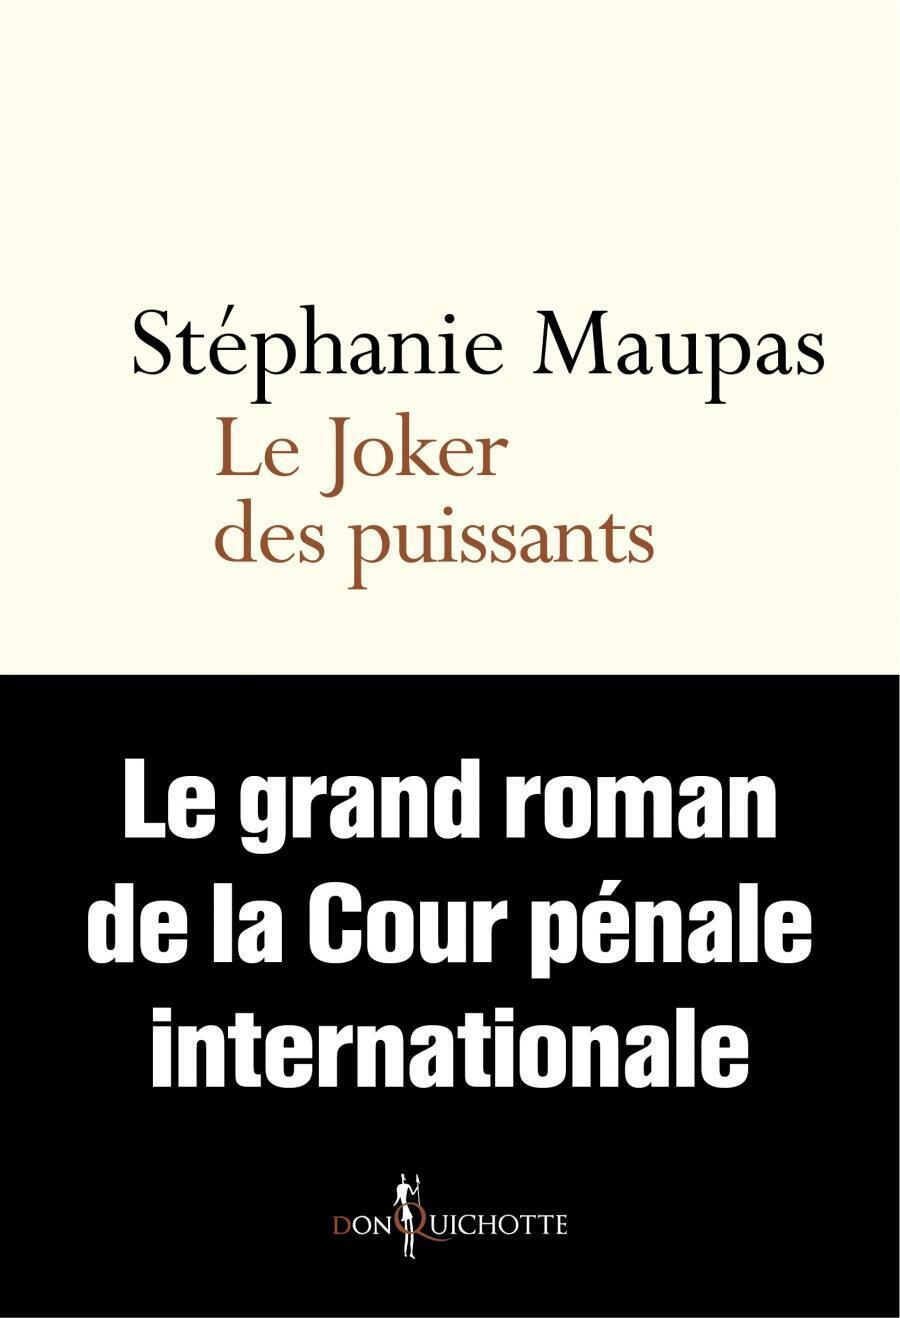 La couverture du livre «Joker des puissants » de Stéphanie Maupas.